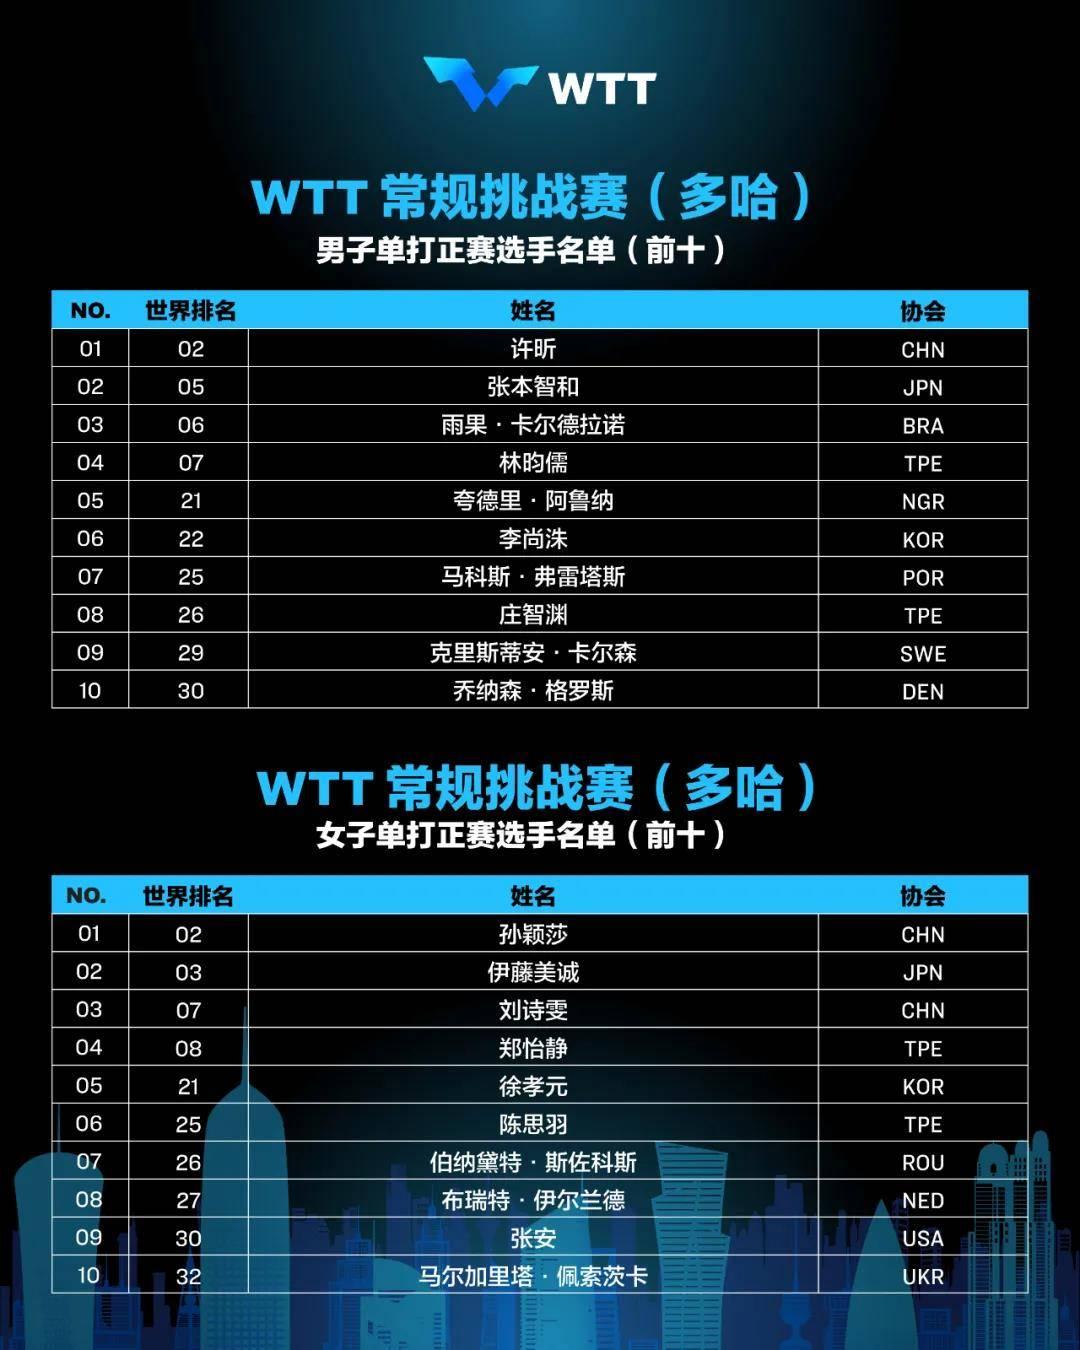 刘诗雯复出征战WTT中东赛 将携手孙颖莎亮相女单赛场